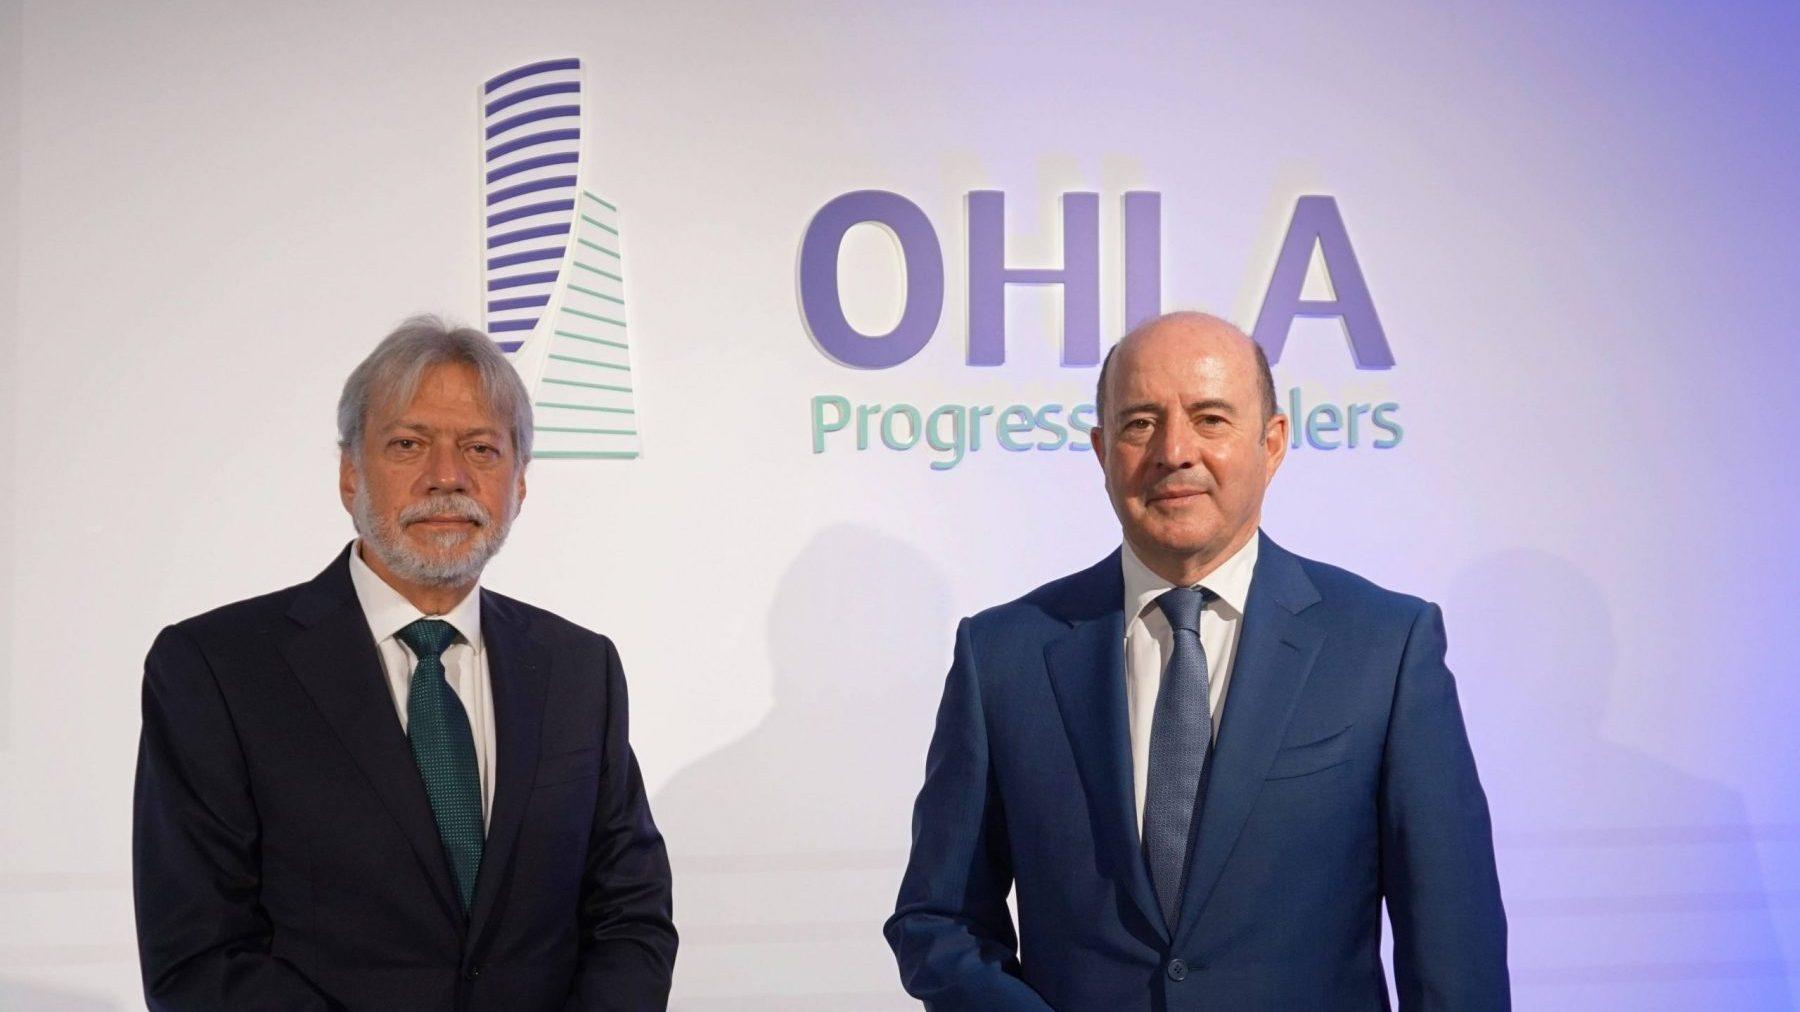 Luis Amodio y José Antonio Fernández, presidente y CEO de OHLA.